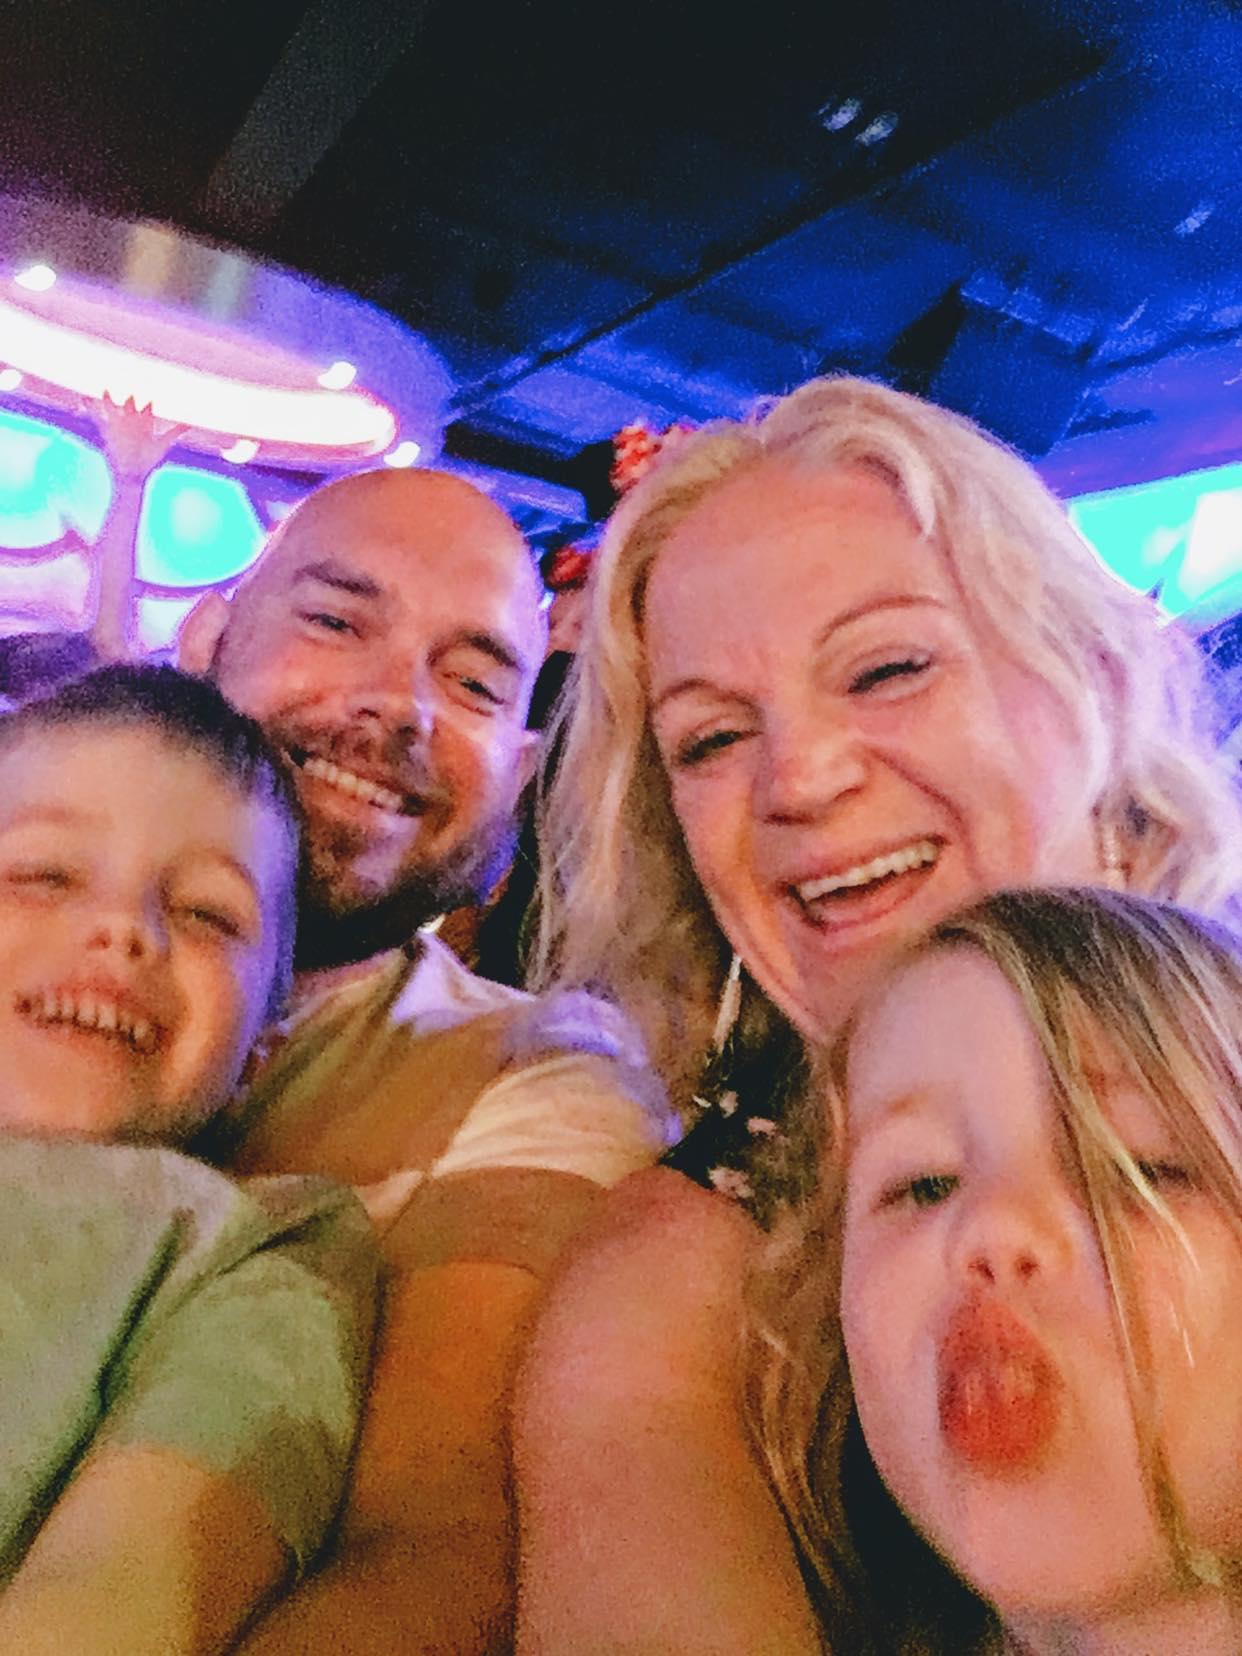 disney cruise uk staycation, pirate night, a suffolk mum blog